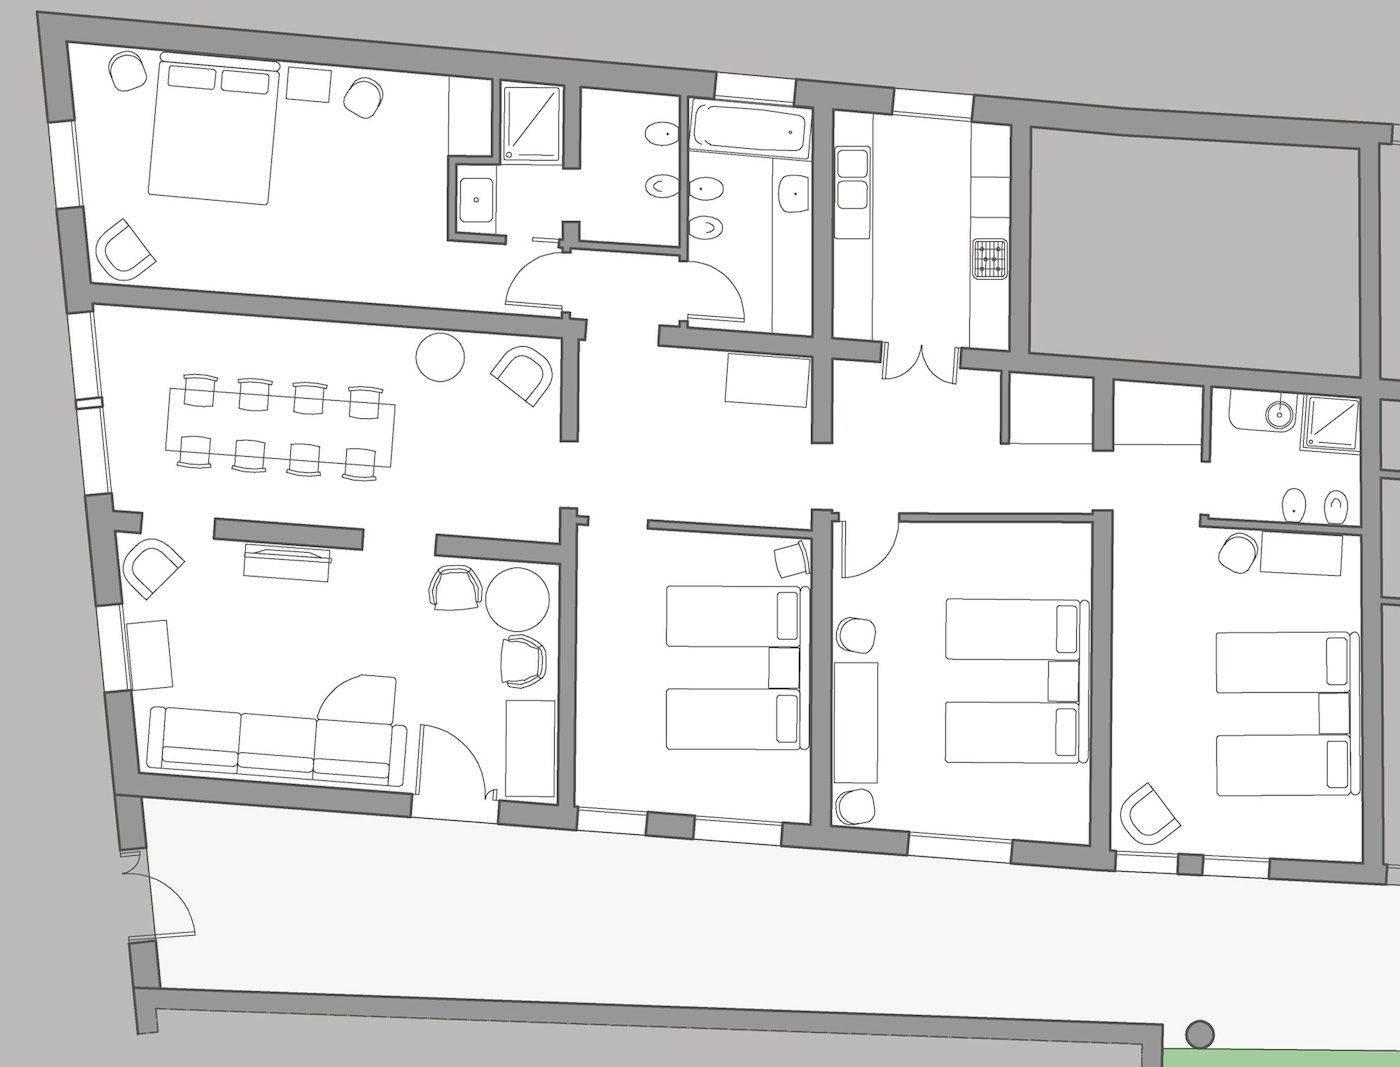 Palladio floor plan